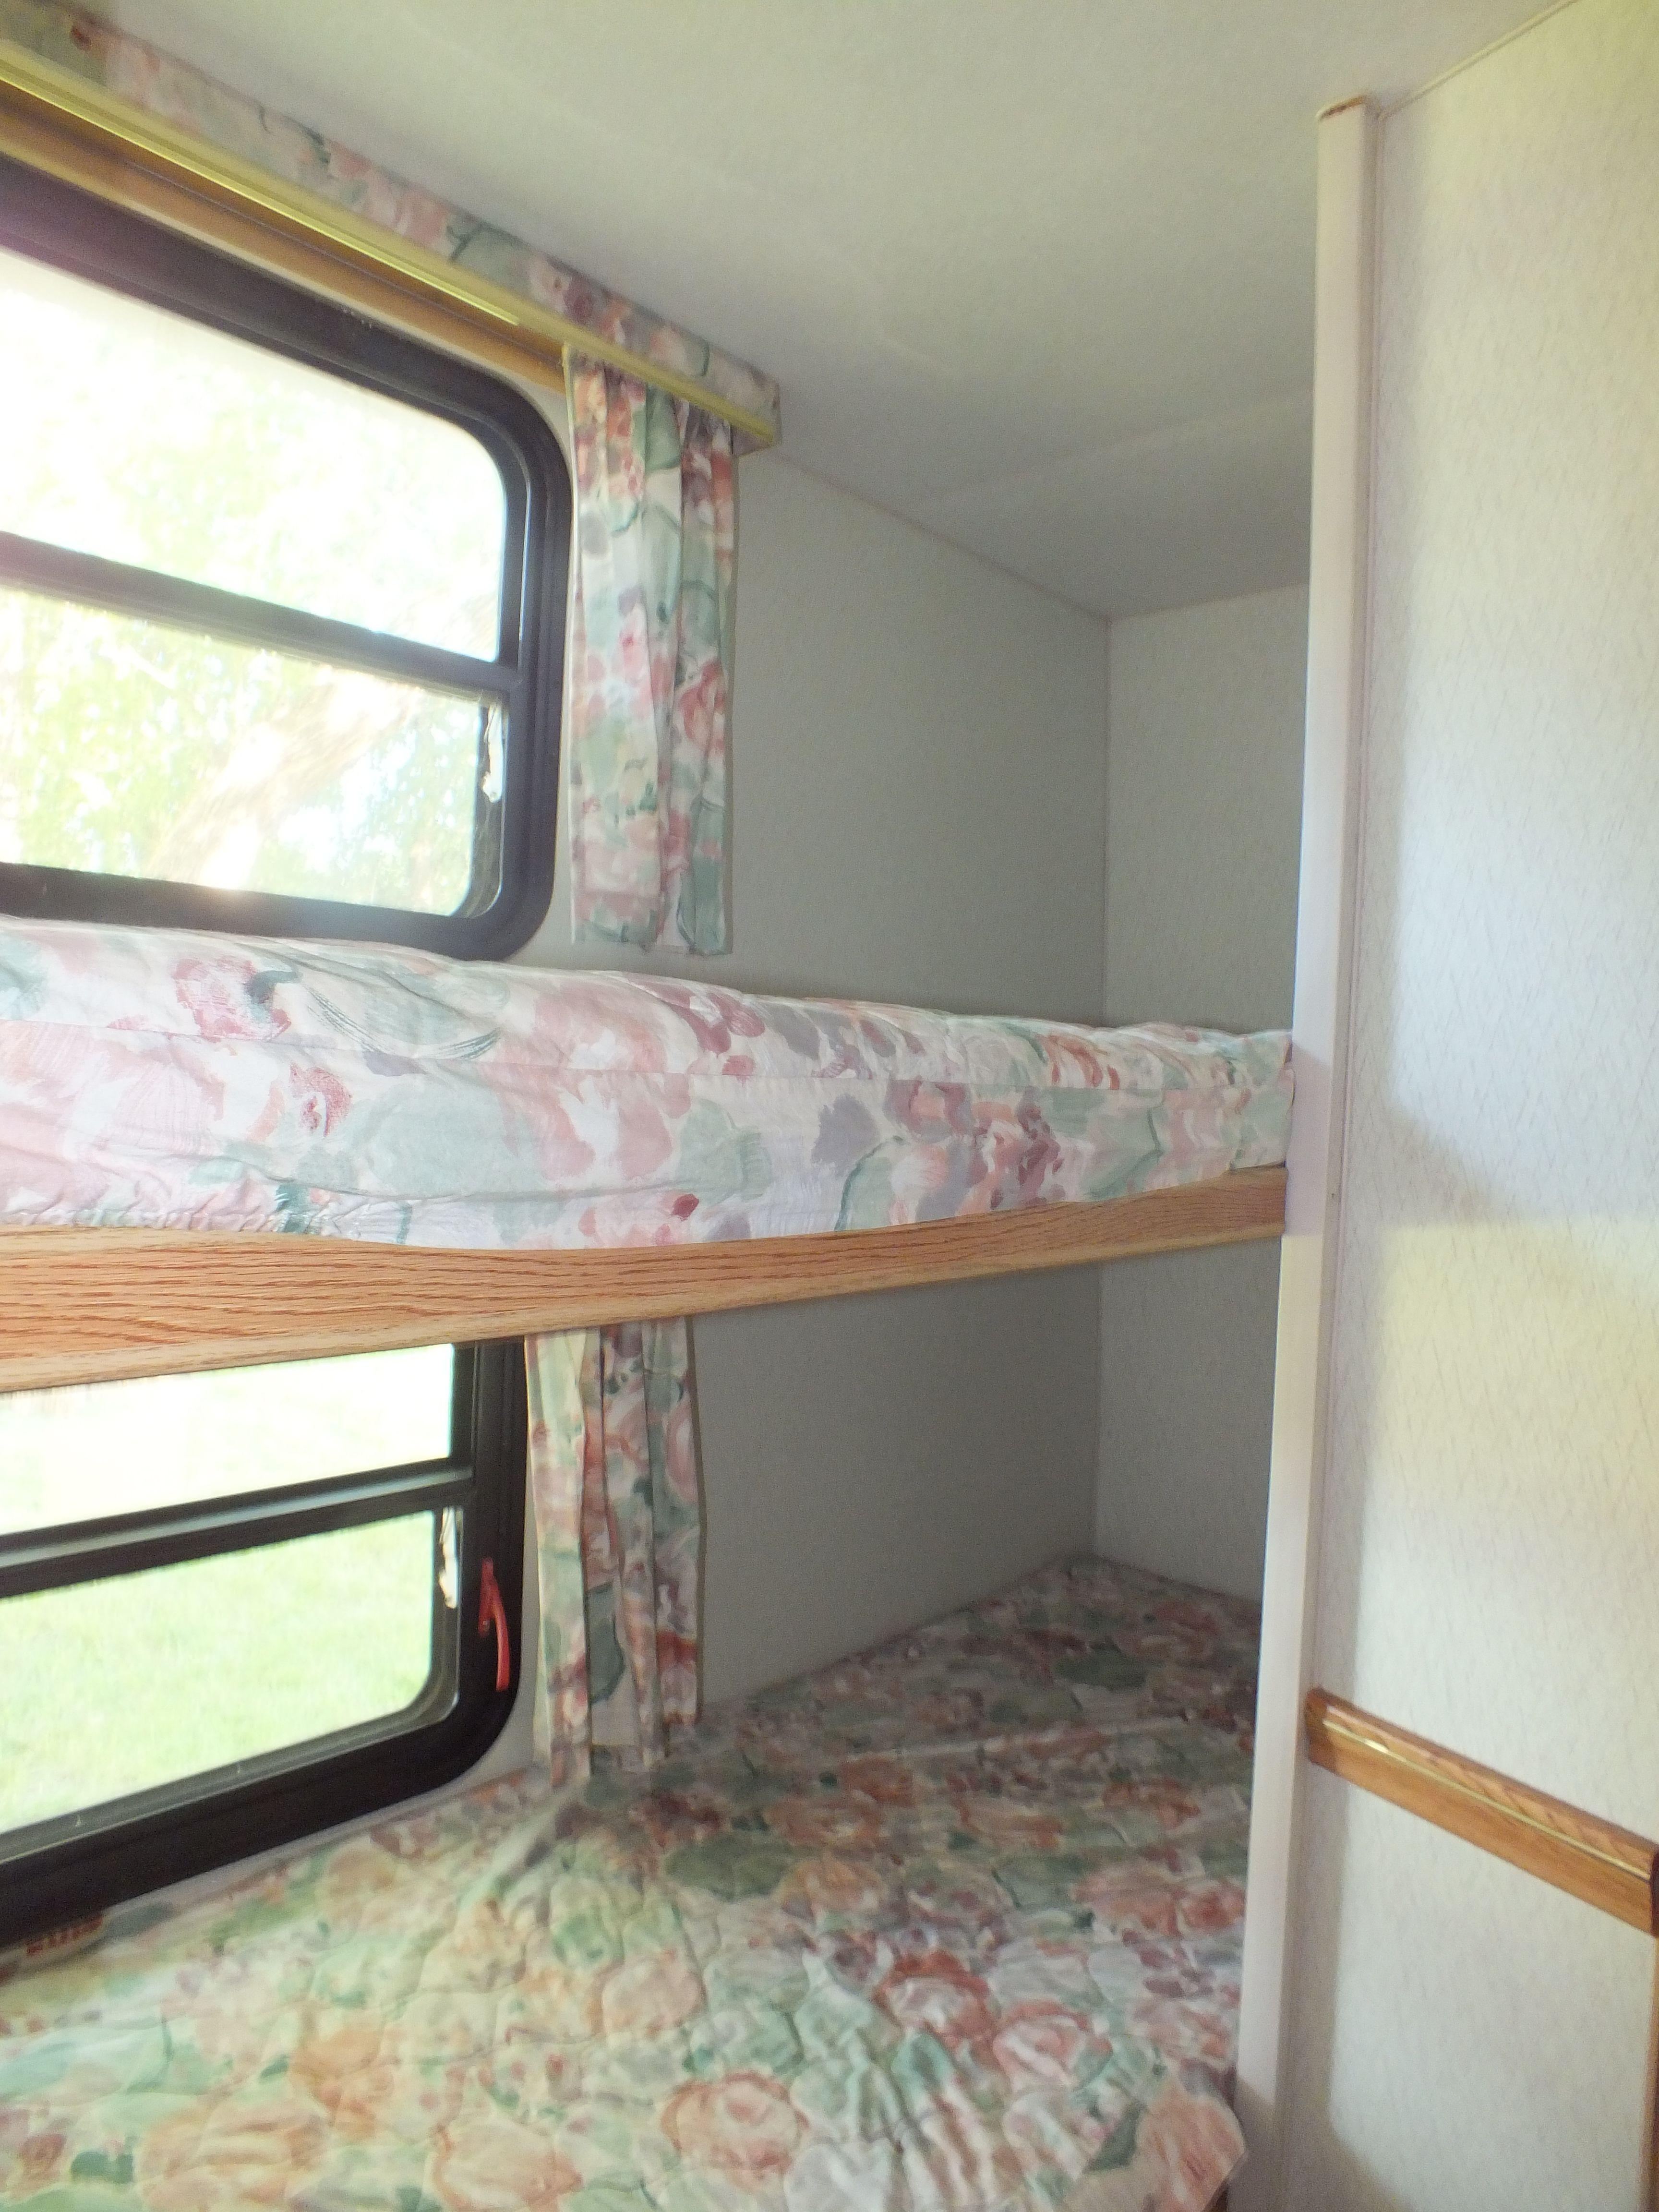 Caravan Interior With Images Camper Bunk Beds Camper Beds